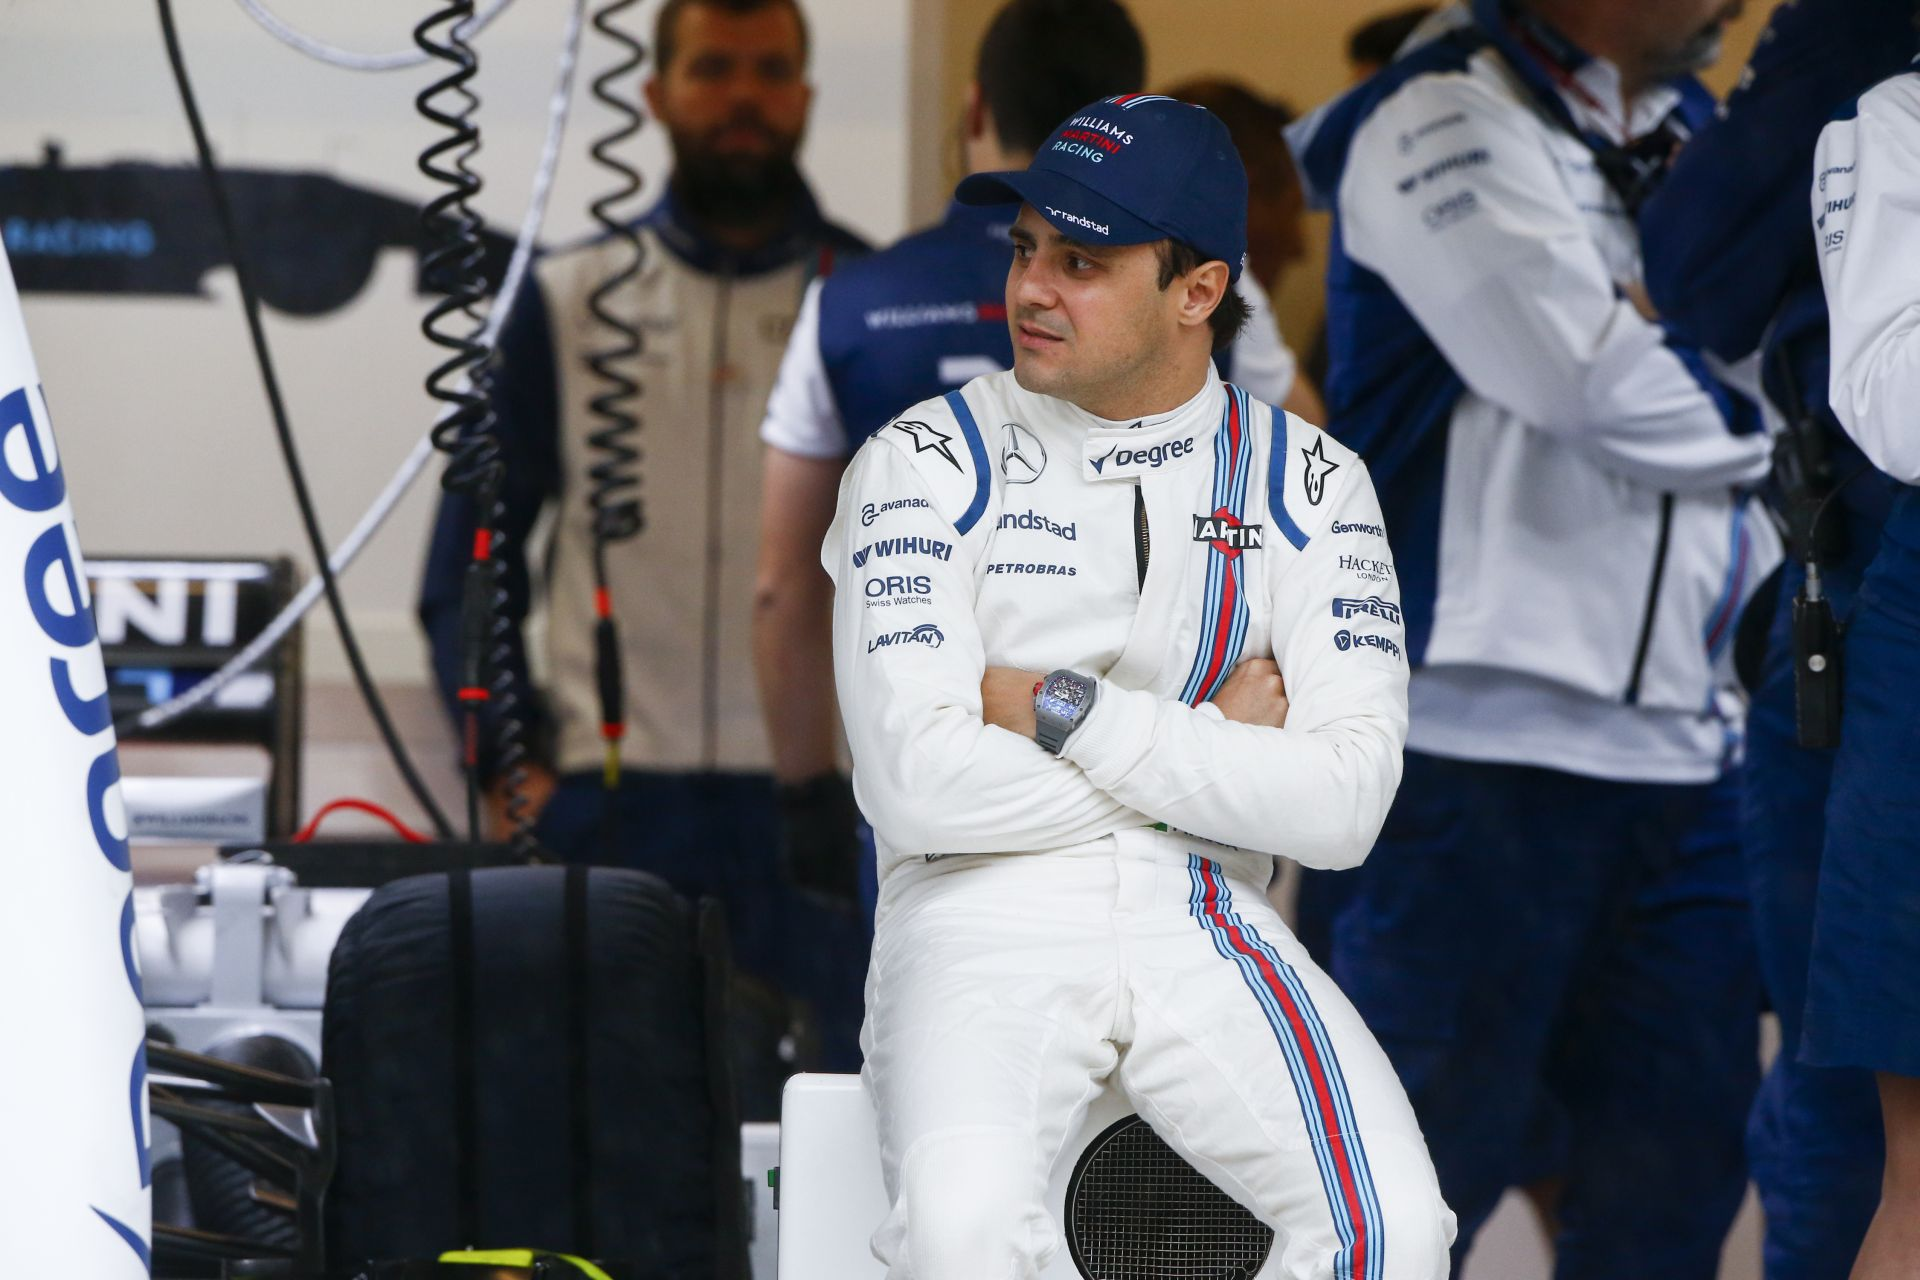 Massa az FIA helyében nem engedte volna ki a pályára a mezőnyt a harmadik szabadedzésen